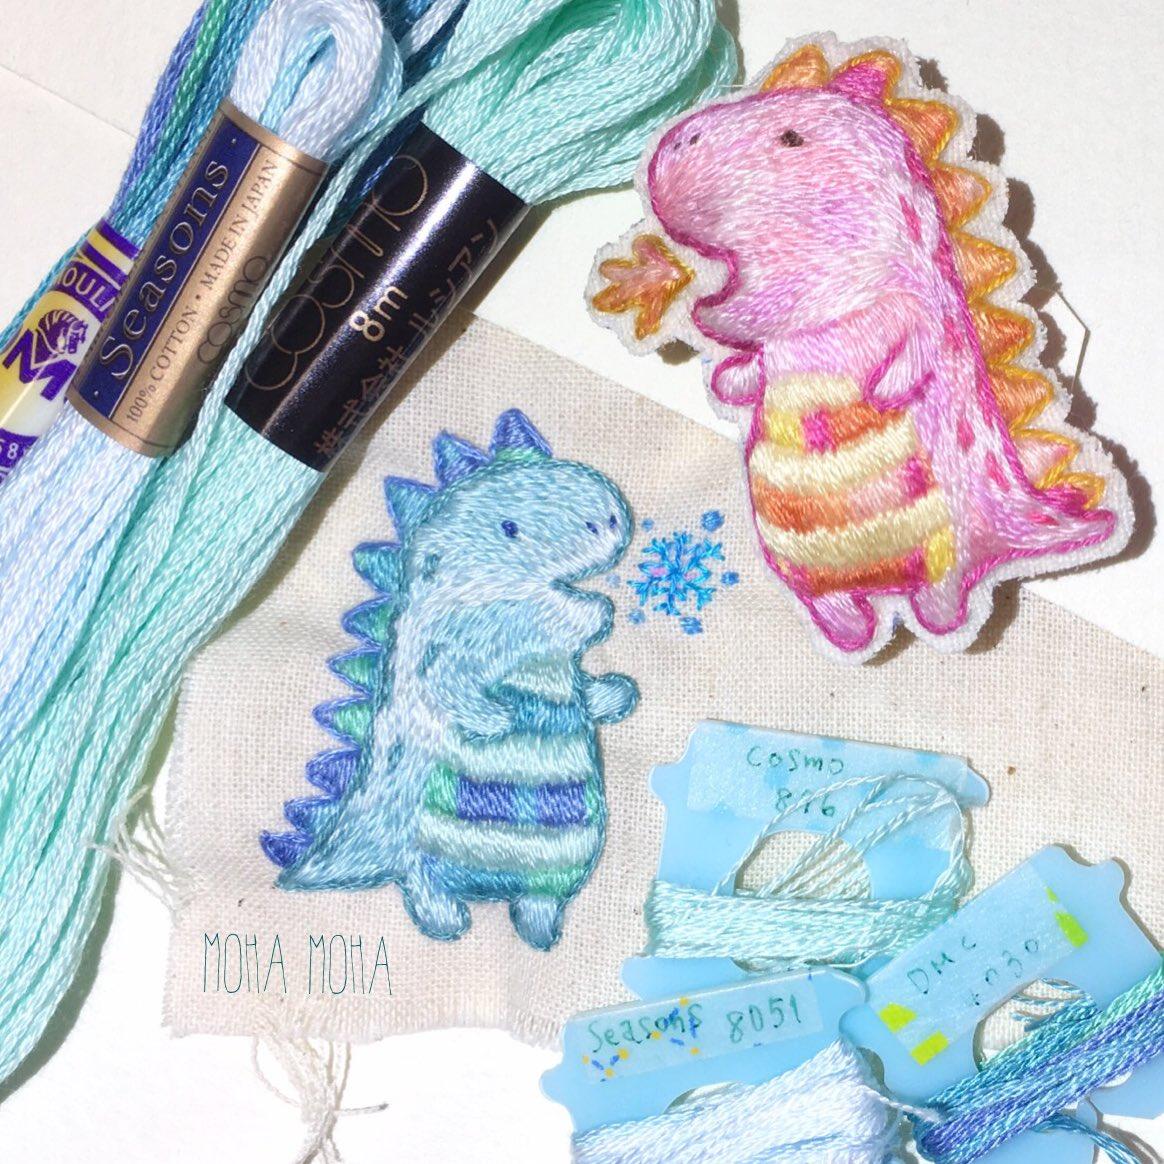 ほっこり手刺繍の世界♡ブローチ♡ピアス♡子供の絵♡